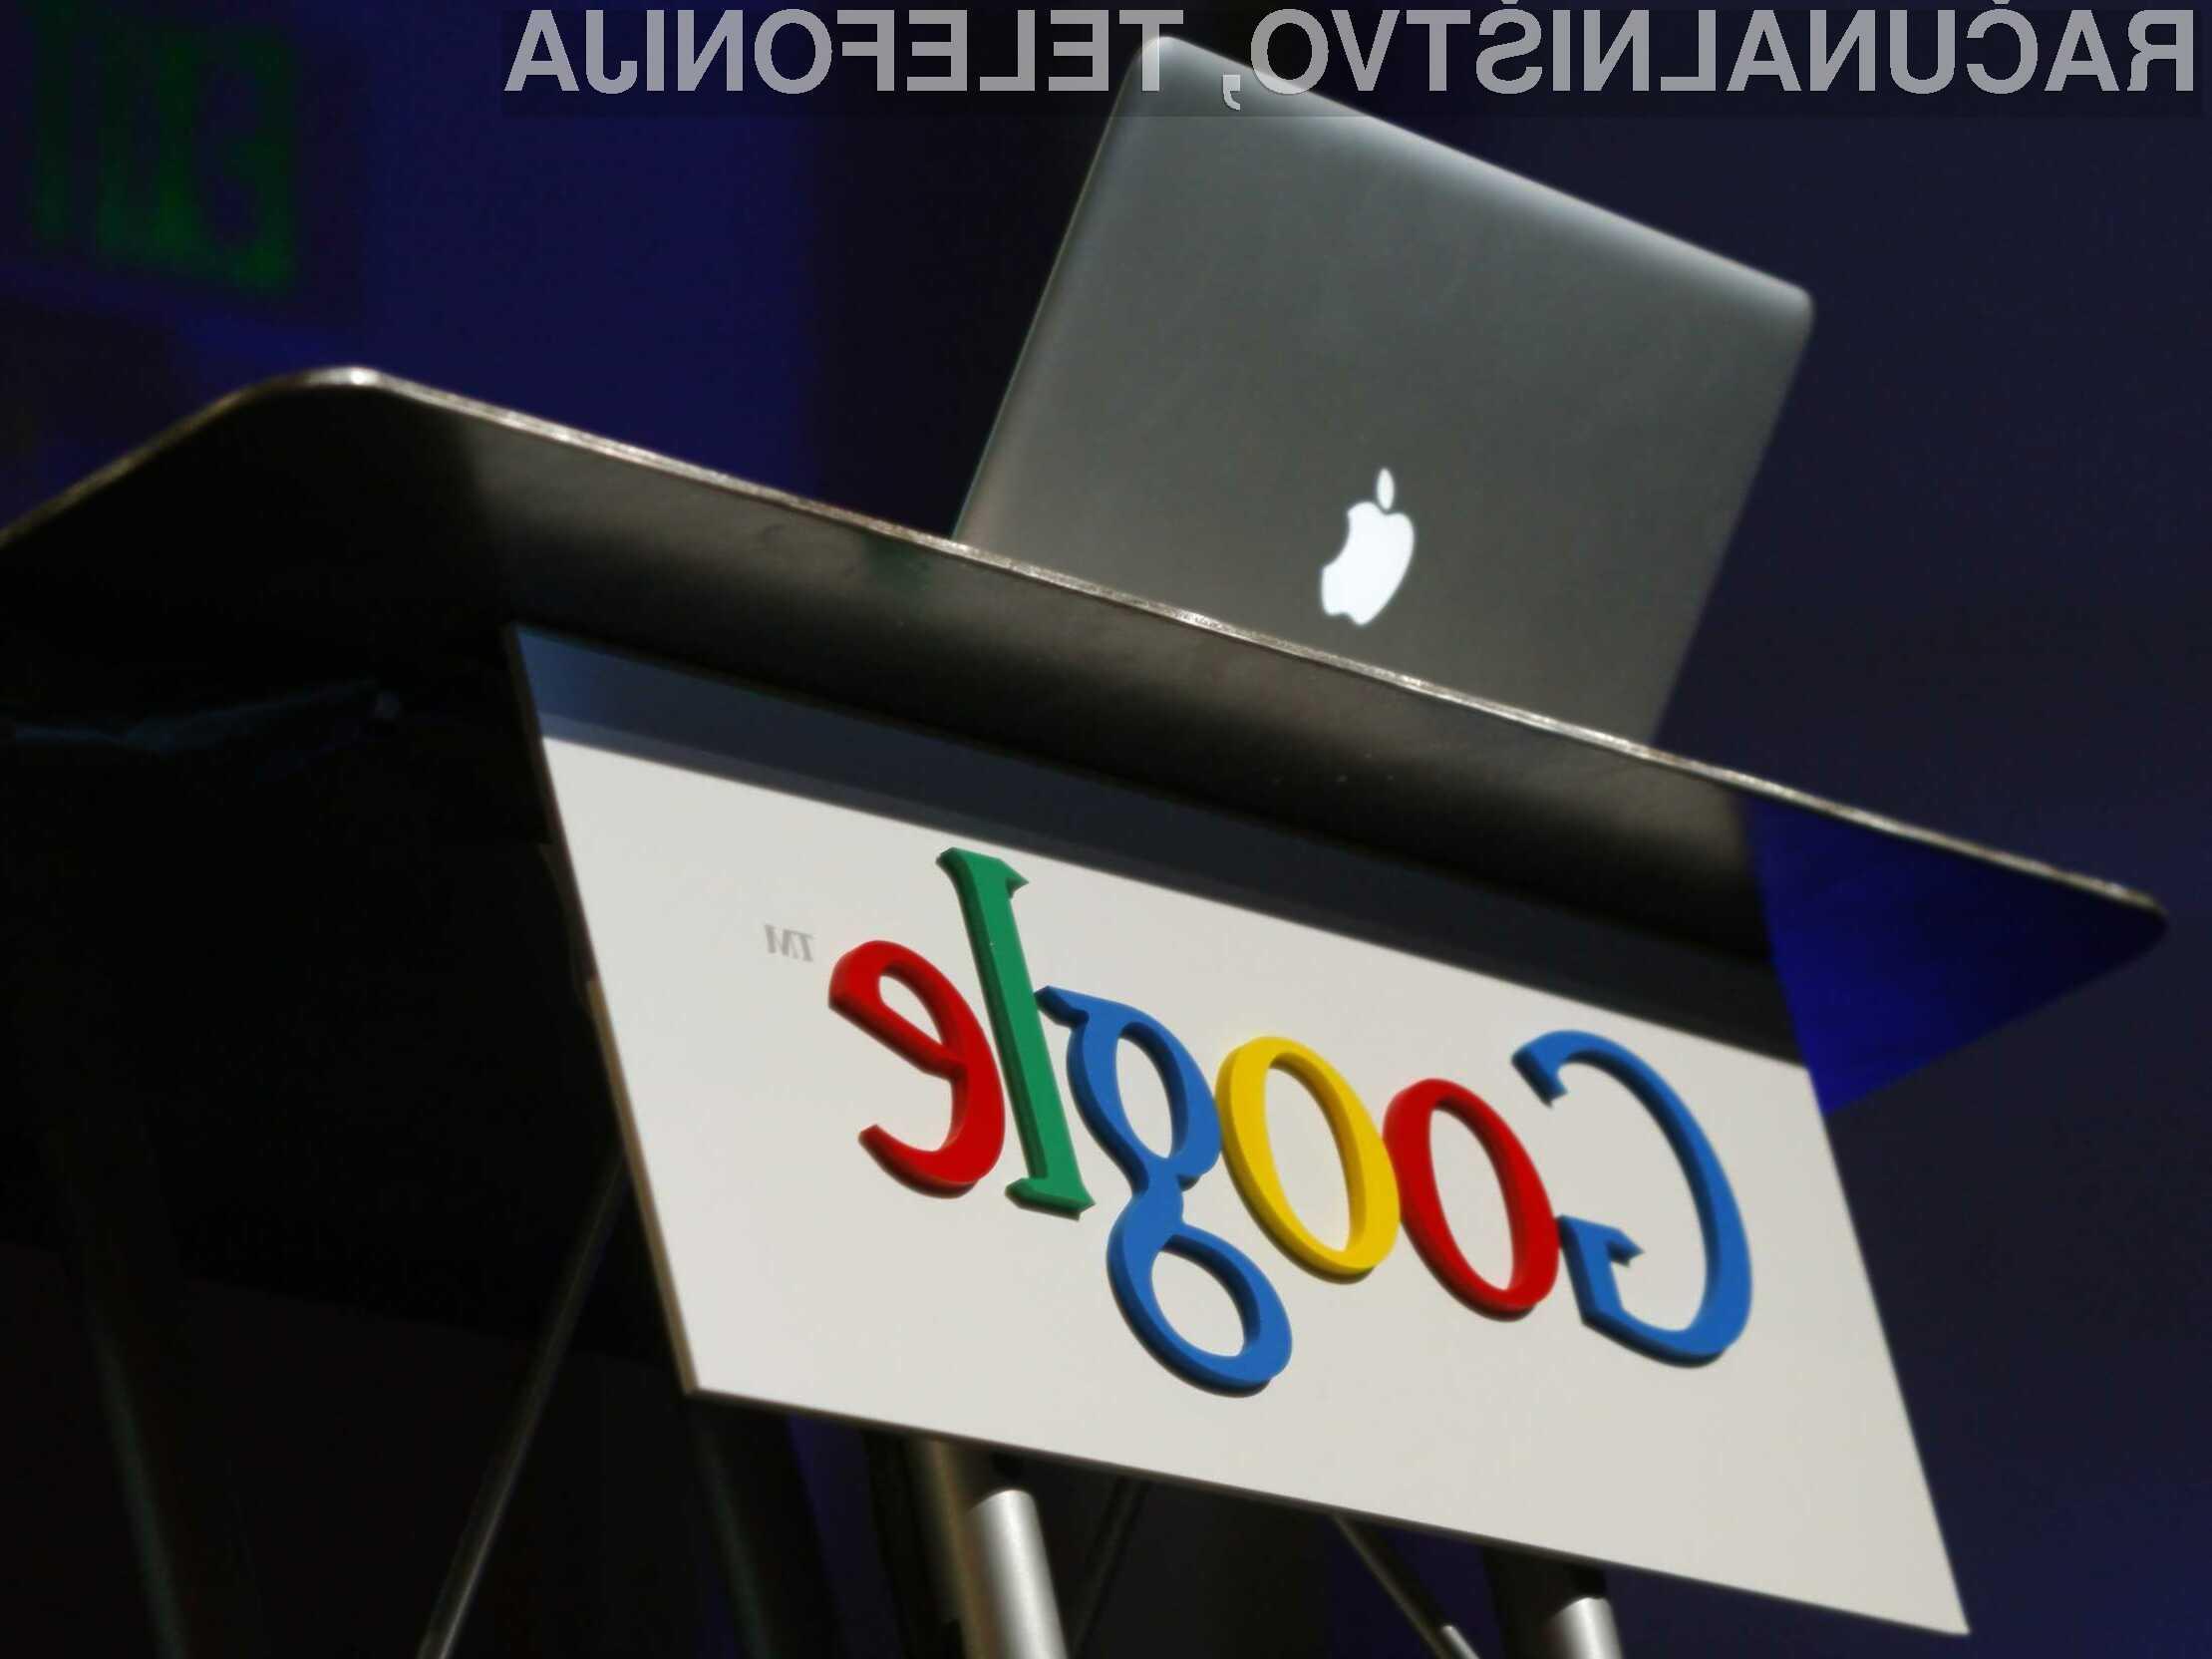 Uporabniki naprav iOS naj bi bili za podjetje Google zelo dobičkonosni!